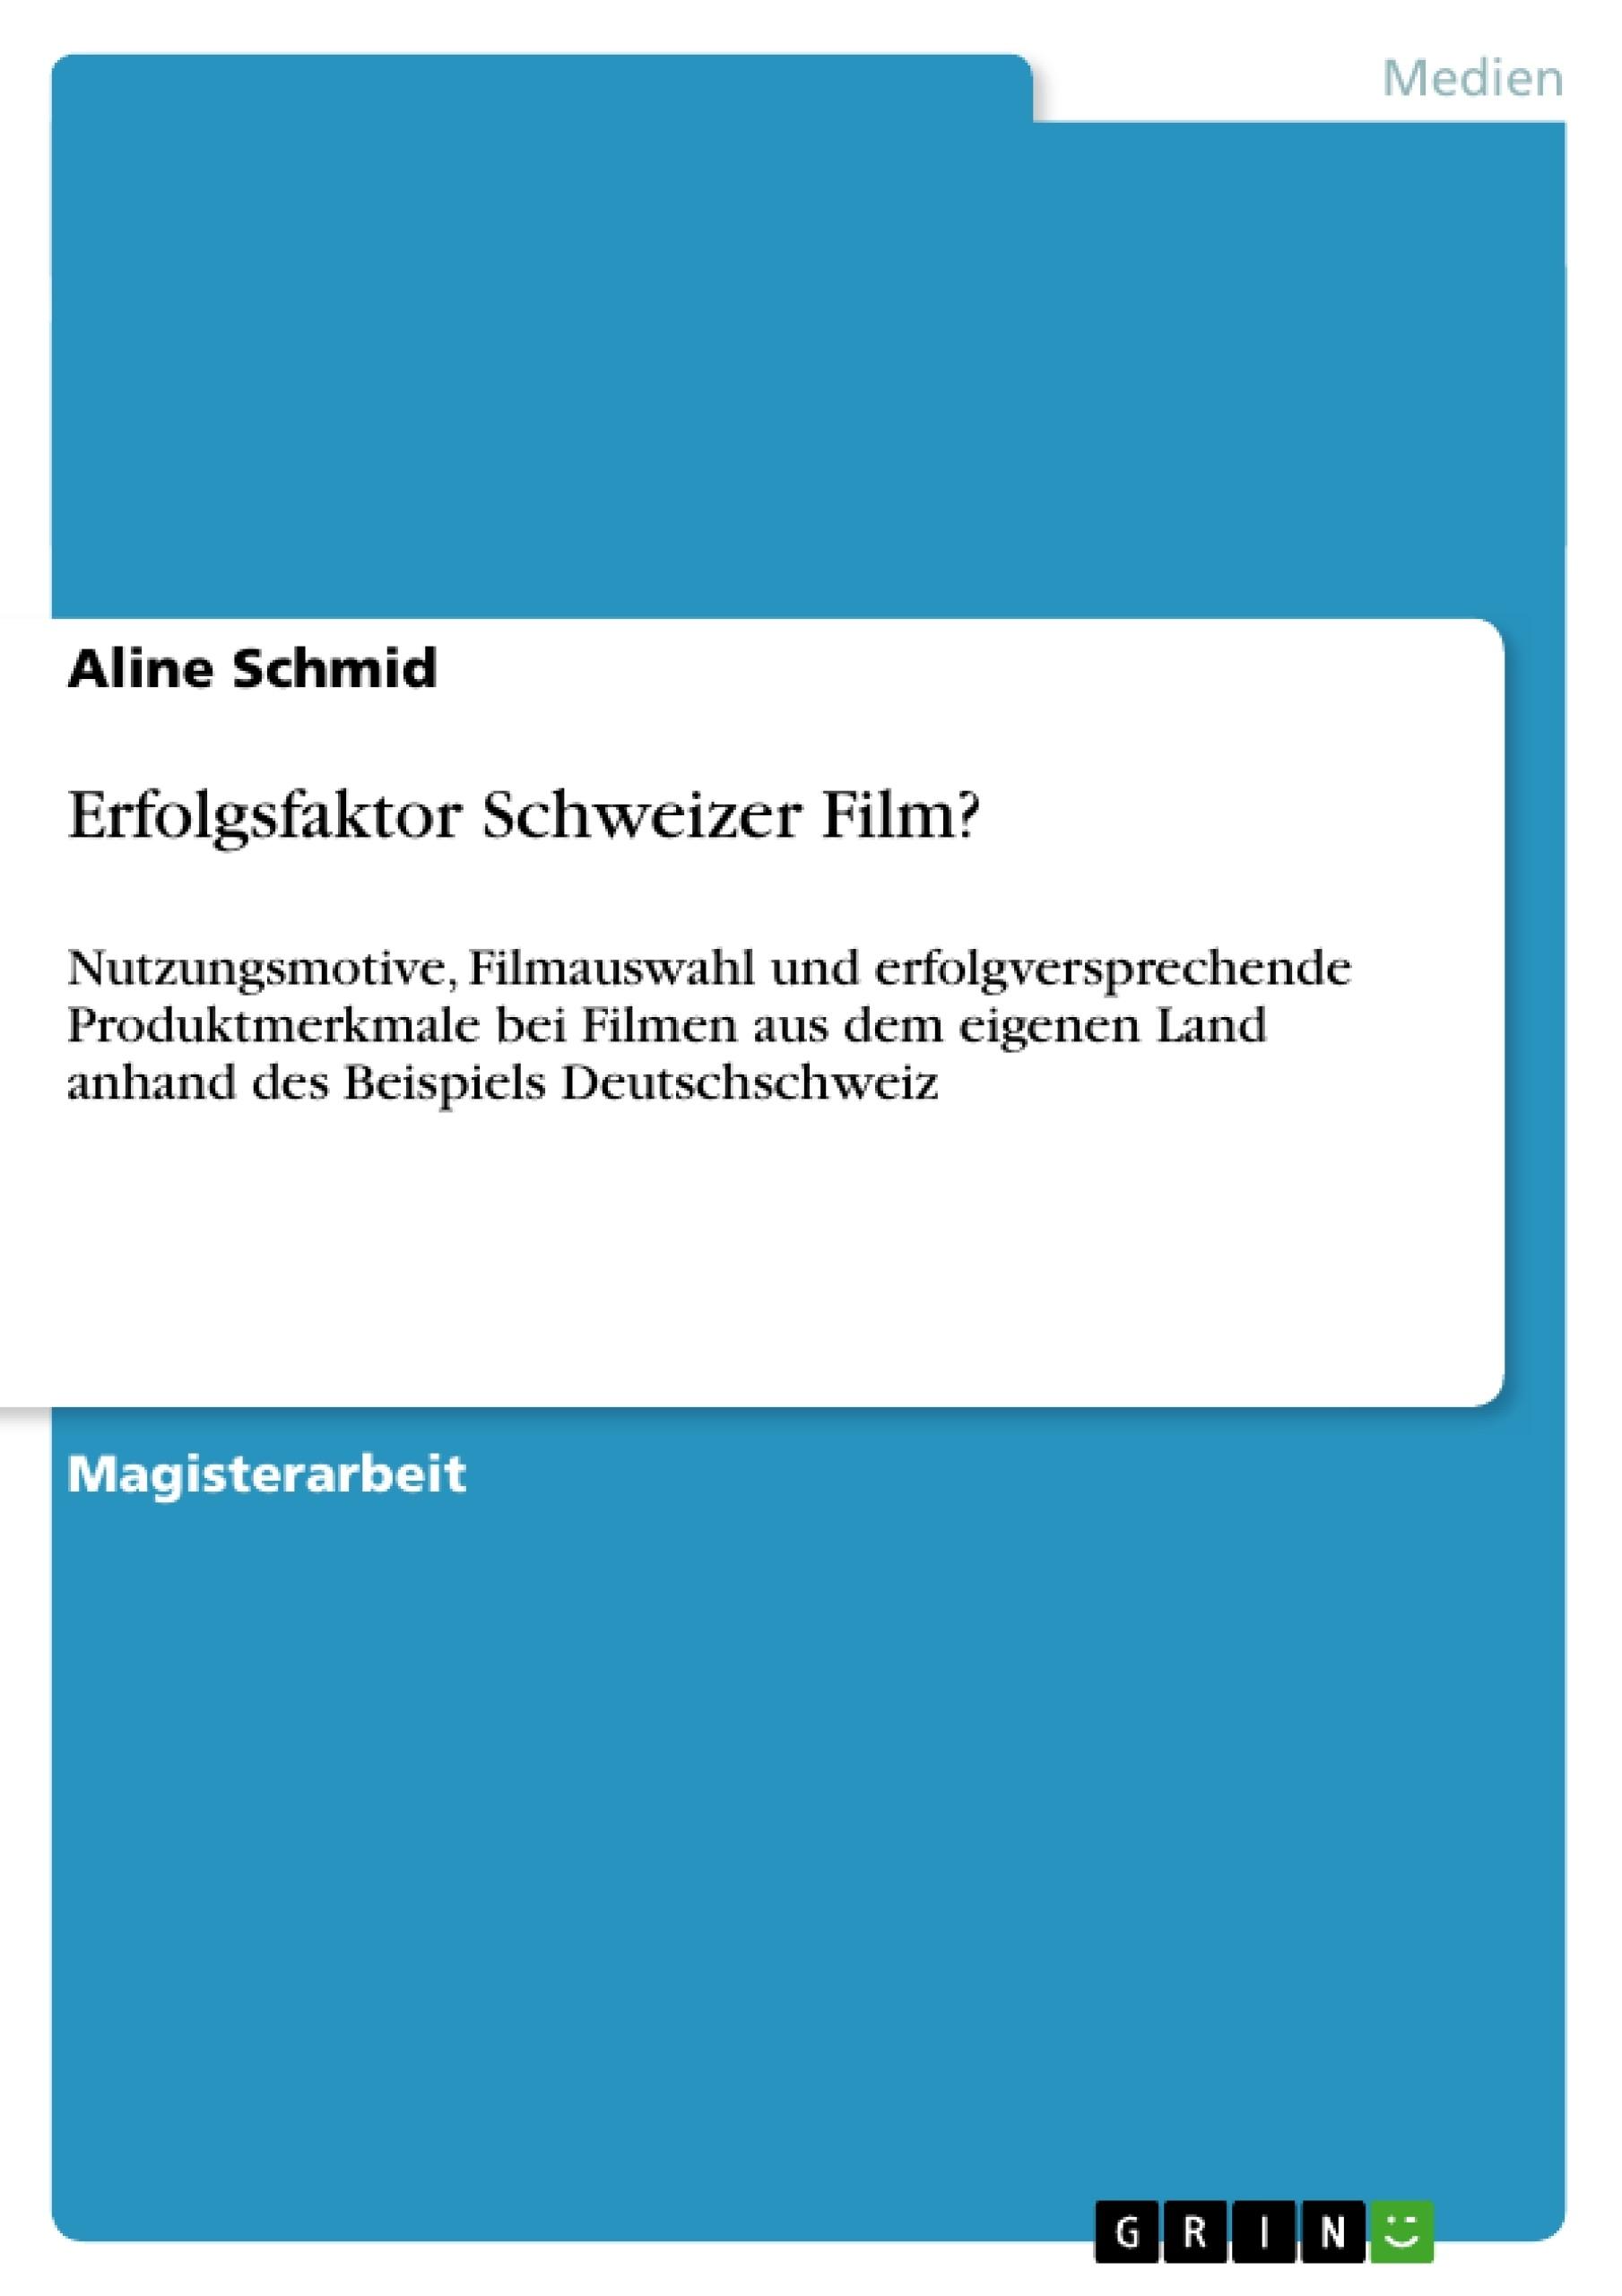 Erfolgsfaktor Schweizer Film? | Masterarbeit, Hausarbeit ...